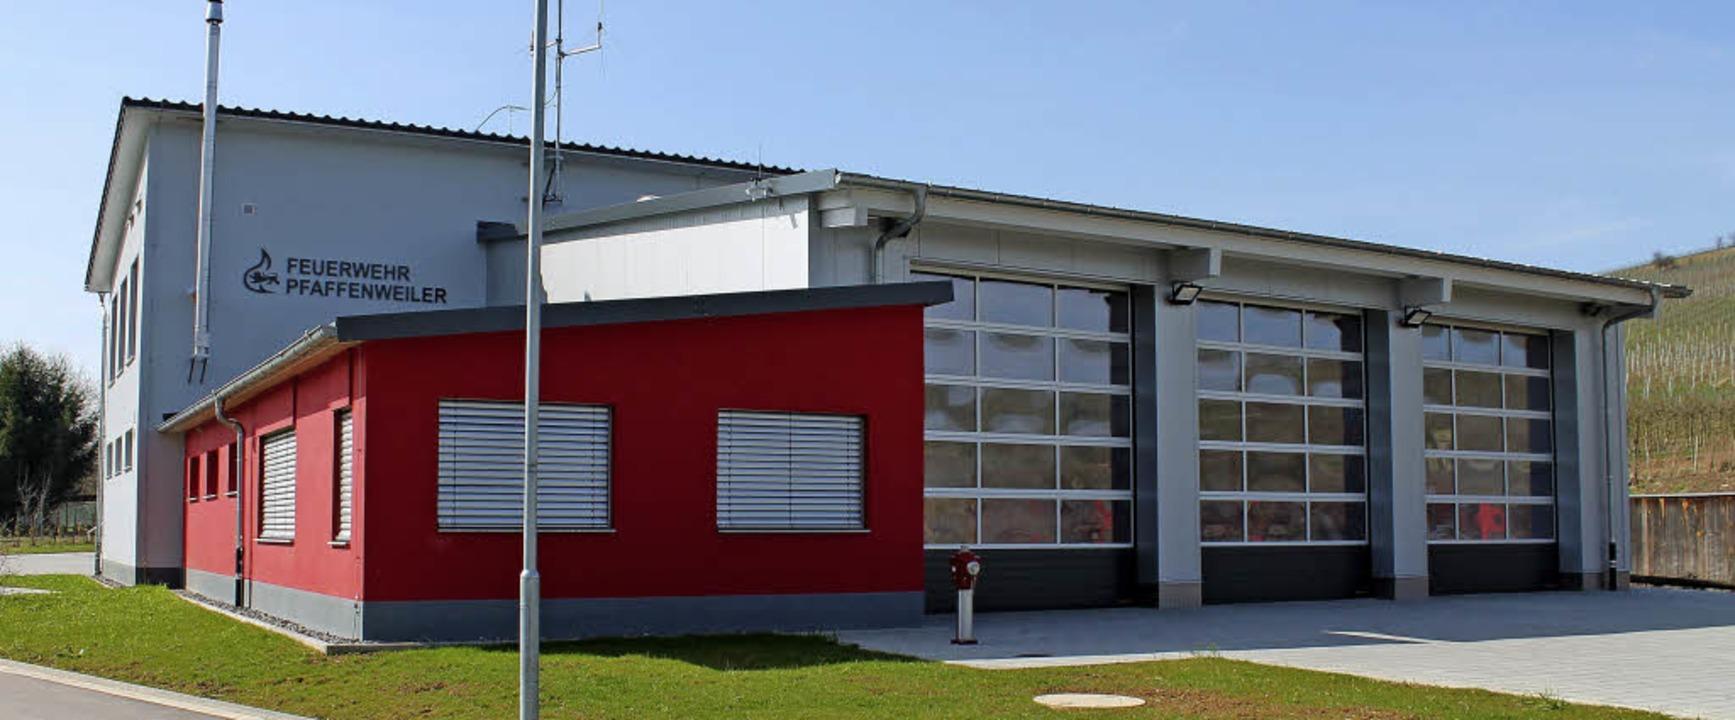 Das neue Feuerwehrhaus in Pfaffenweiler  | Foto: Gemeinde